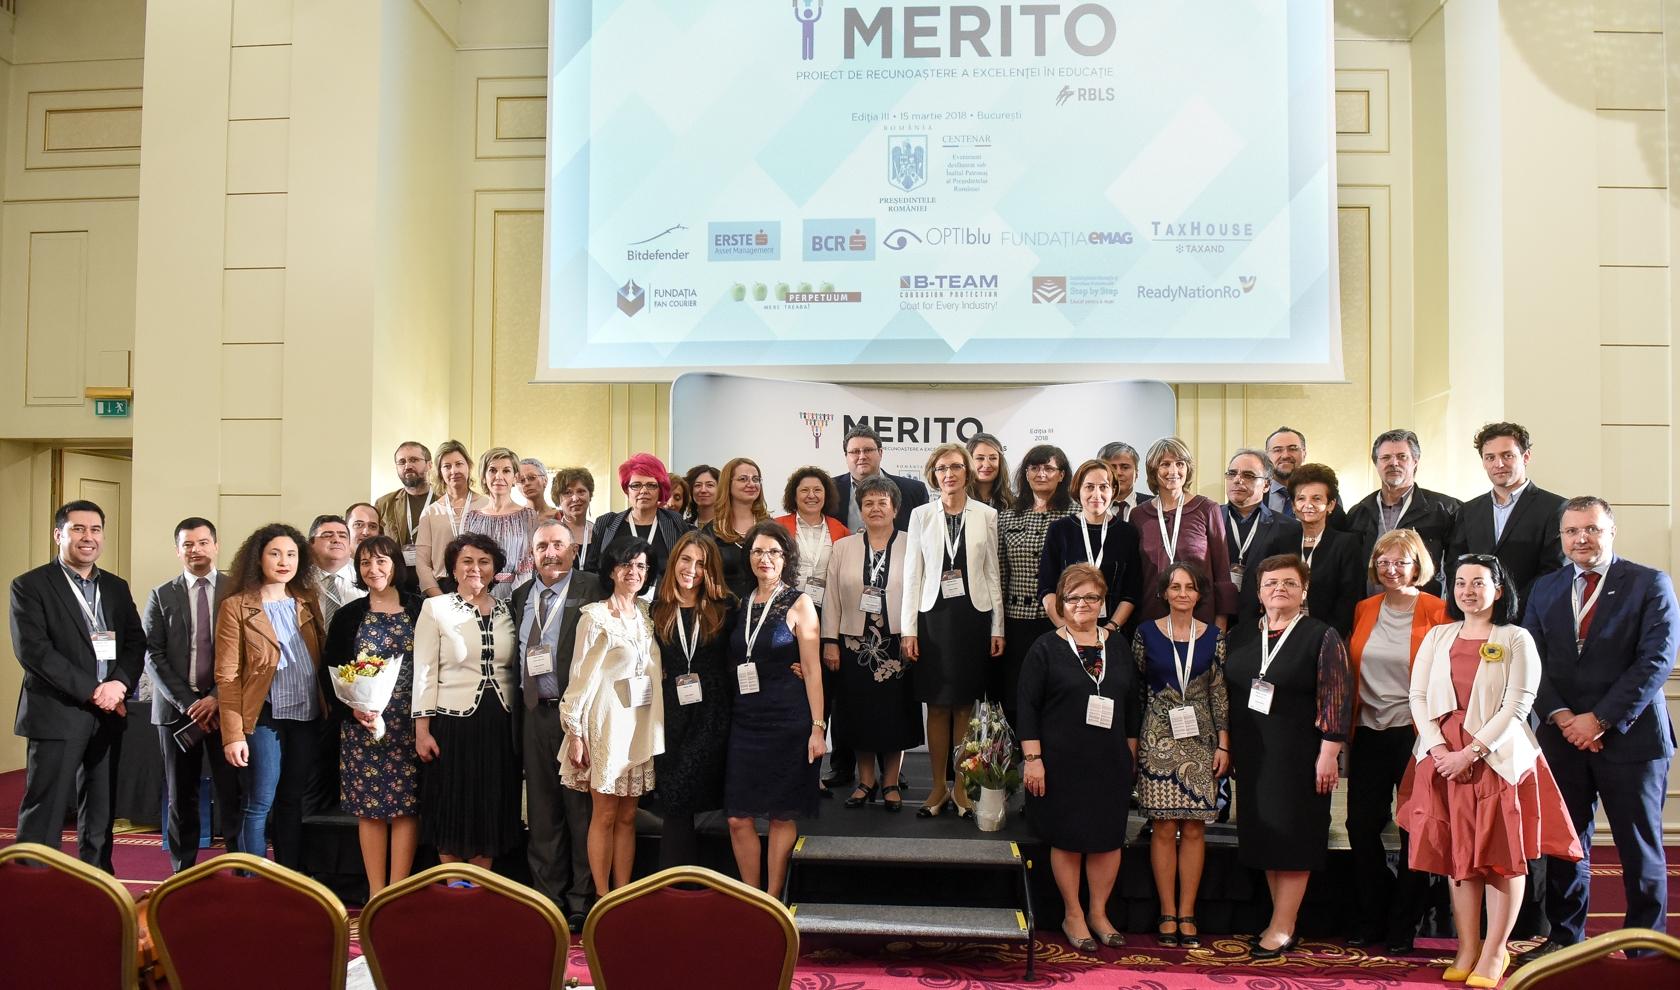 Recunoaştem împreună Excelenţa în Educaţie, pentru al patrulea an la rând, la Gala MERITO 2019